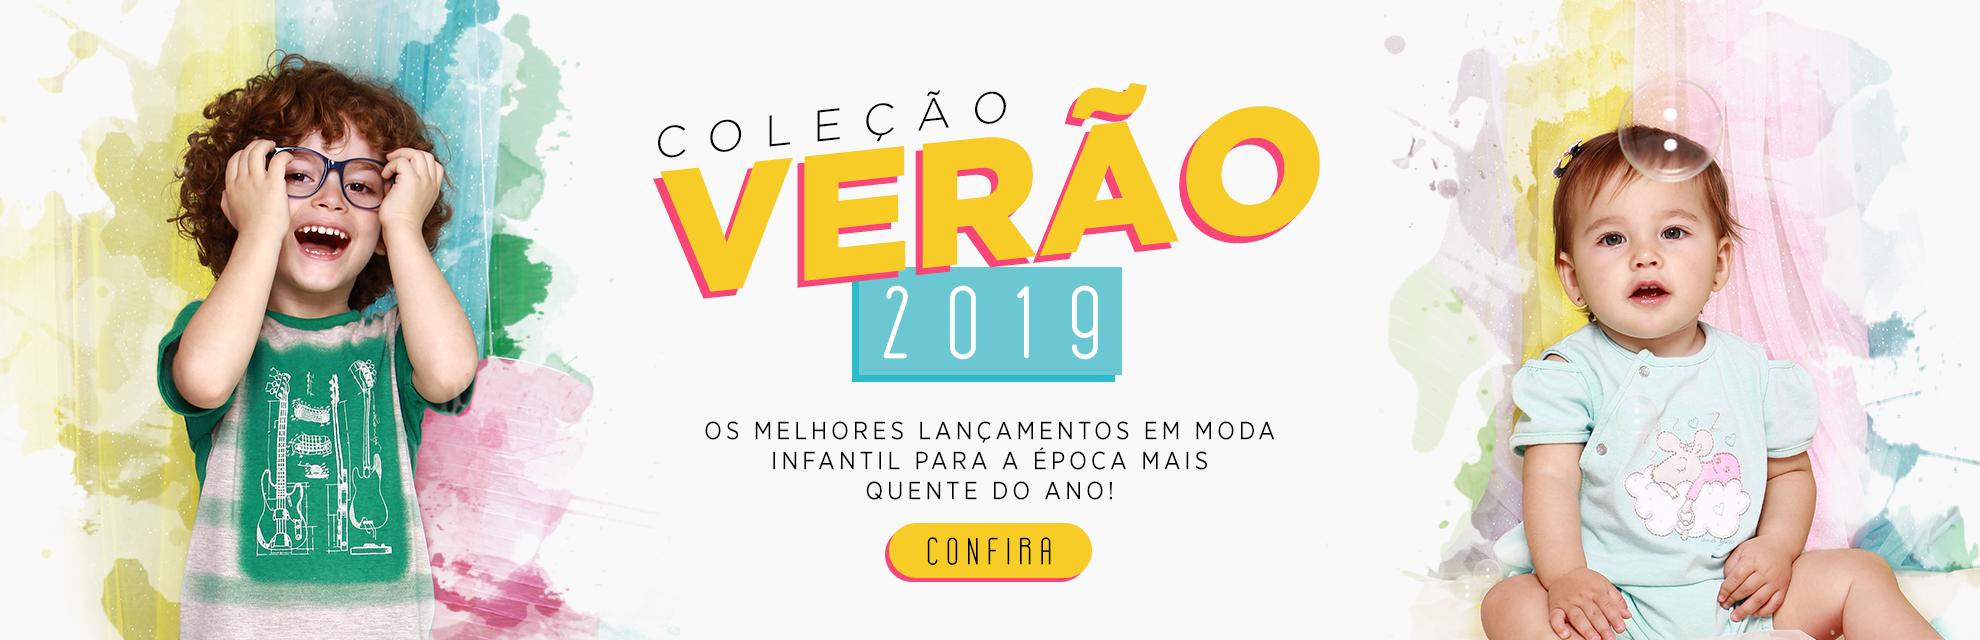 Verão 2018 - 2019